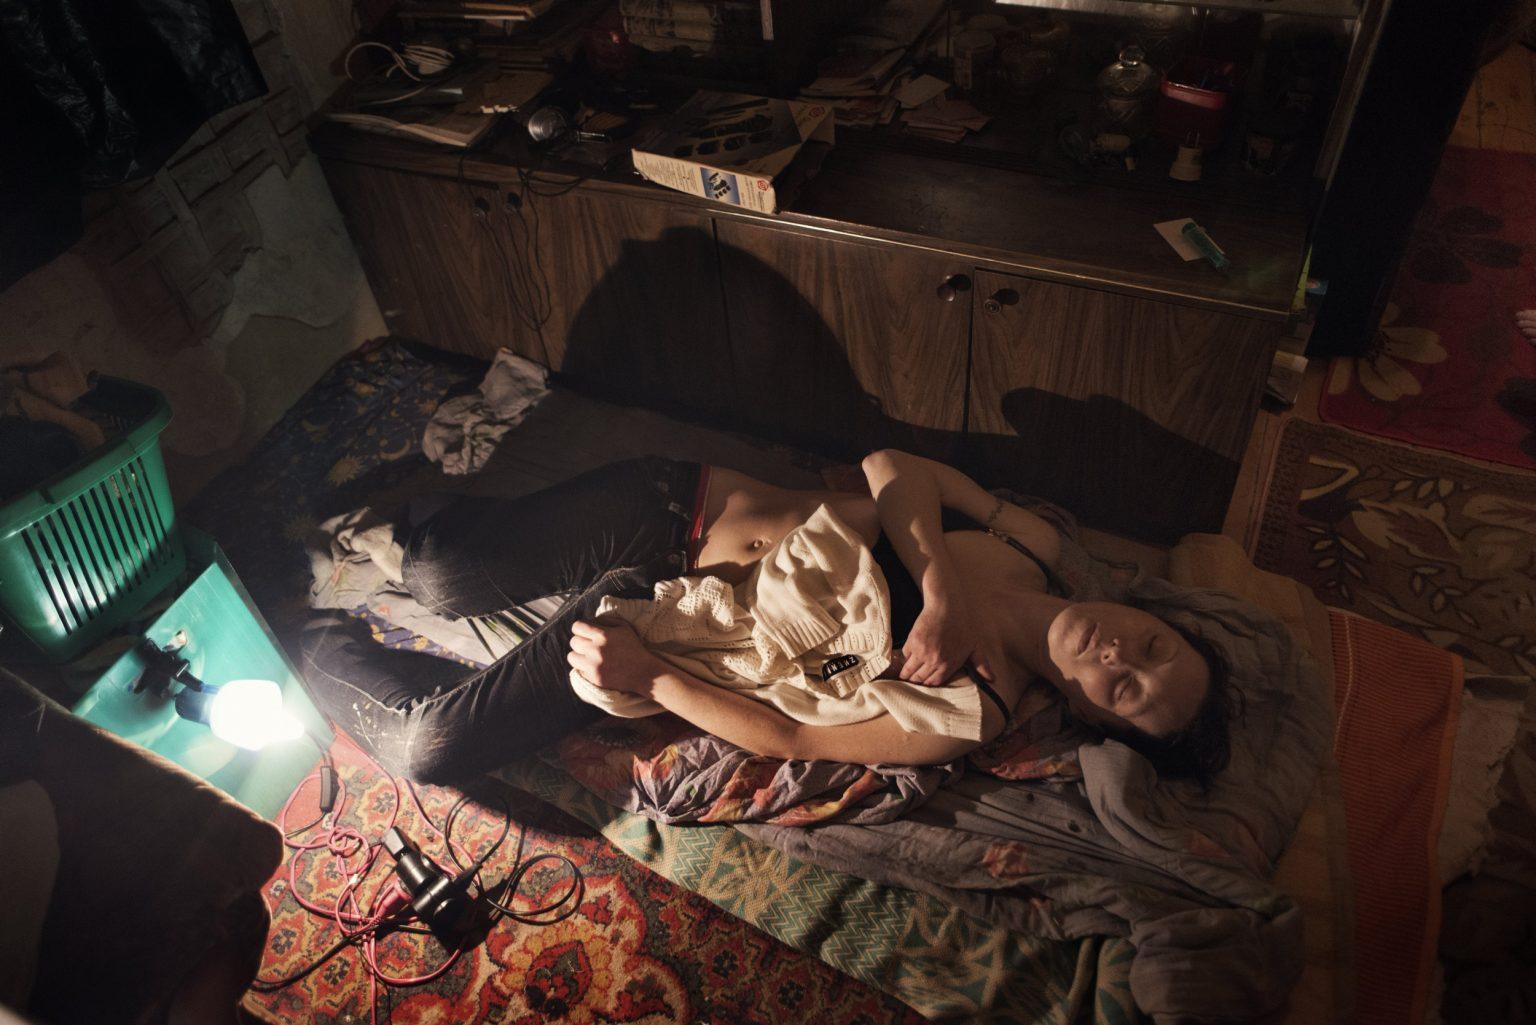 Yekaterinburg, Russia, November 2013 - Zhanna lies on the ground under the effect of Krokodil. (She died in 2015 due to the long use of Krokodil). >< Yekaterinburg, Russia, novembre 2013 - Zhanna è stesa a terra sotto gli effetti della Krokodil (Zhanna è morta nel 2015 a seguito dell'uso prolungato di Krokdoil).